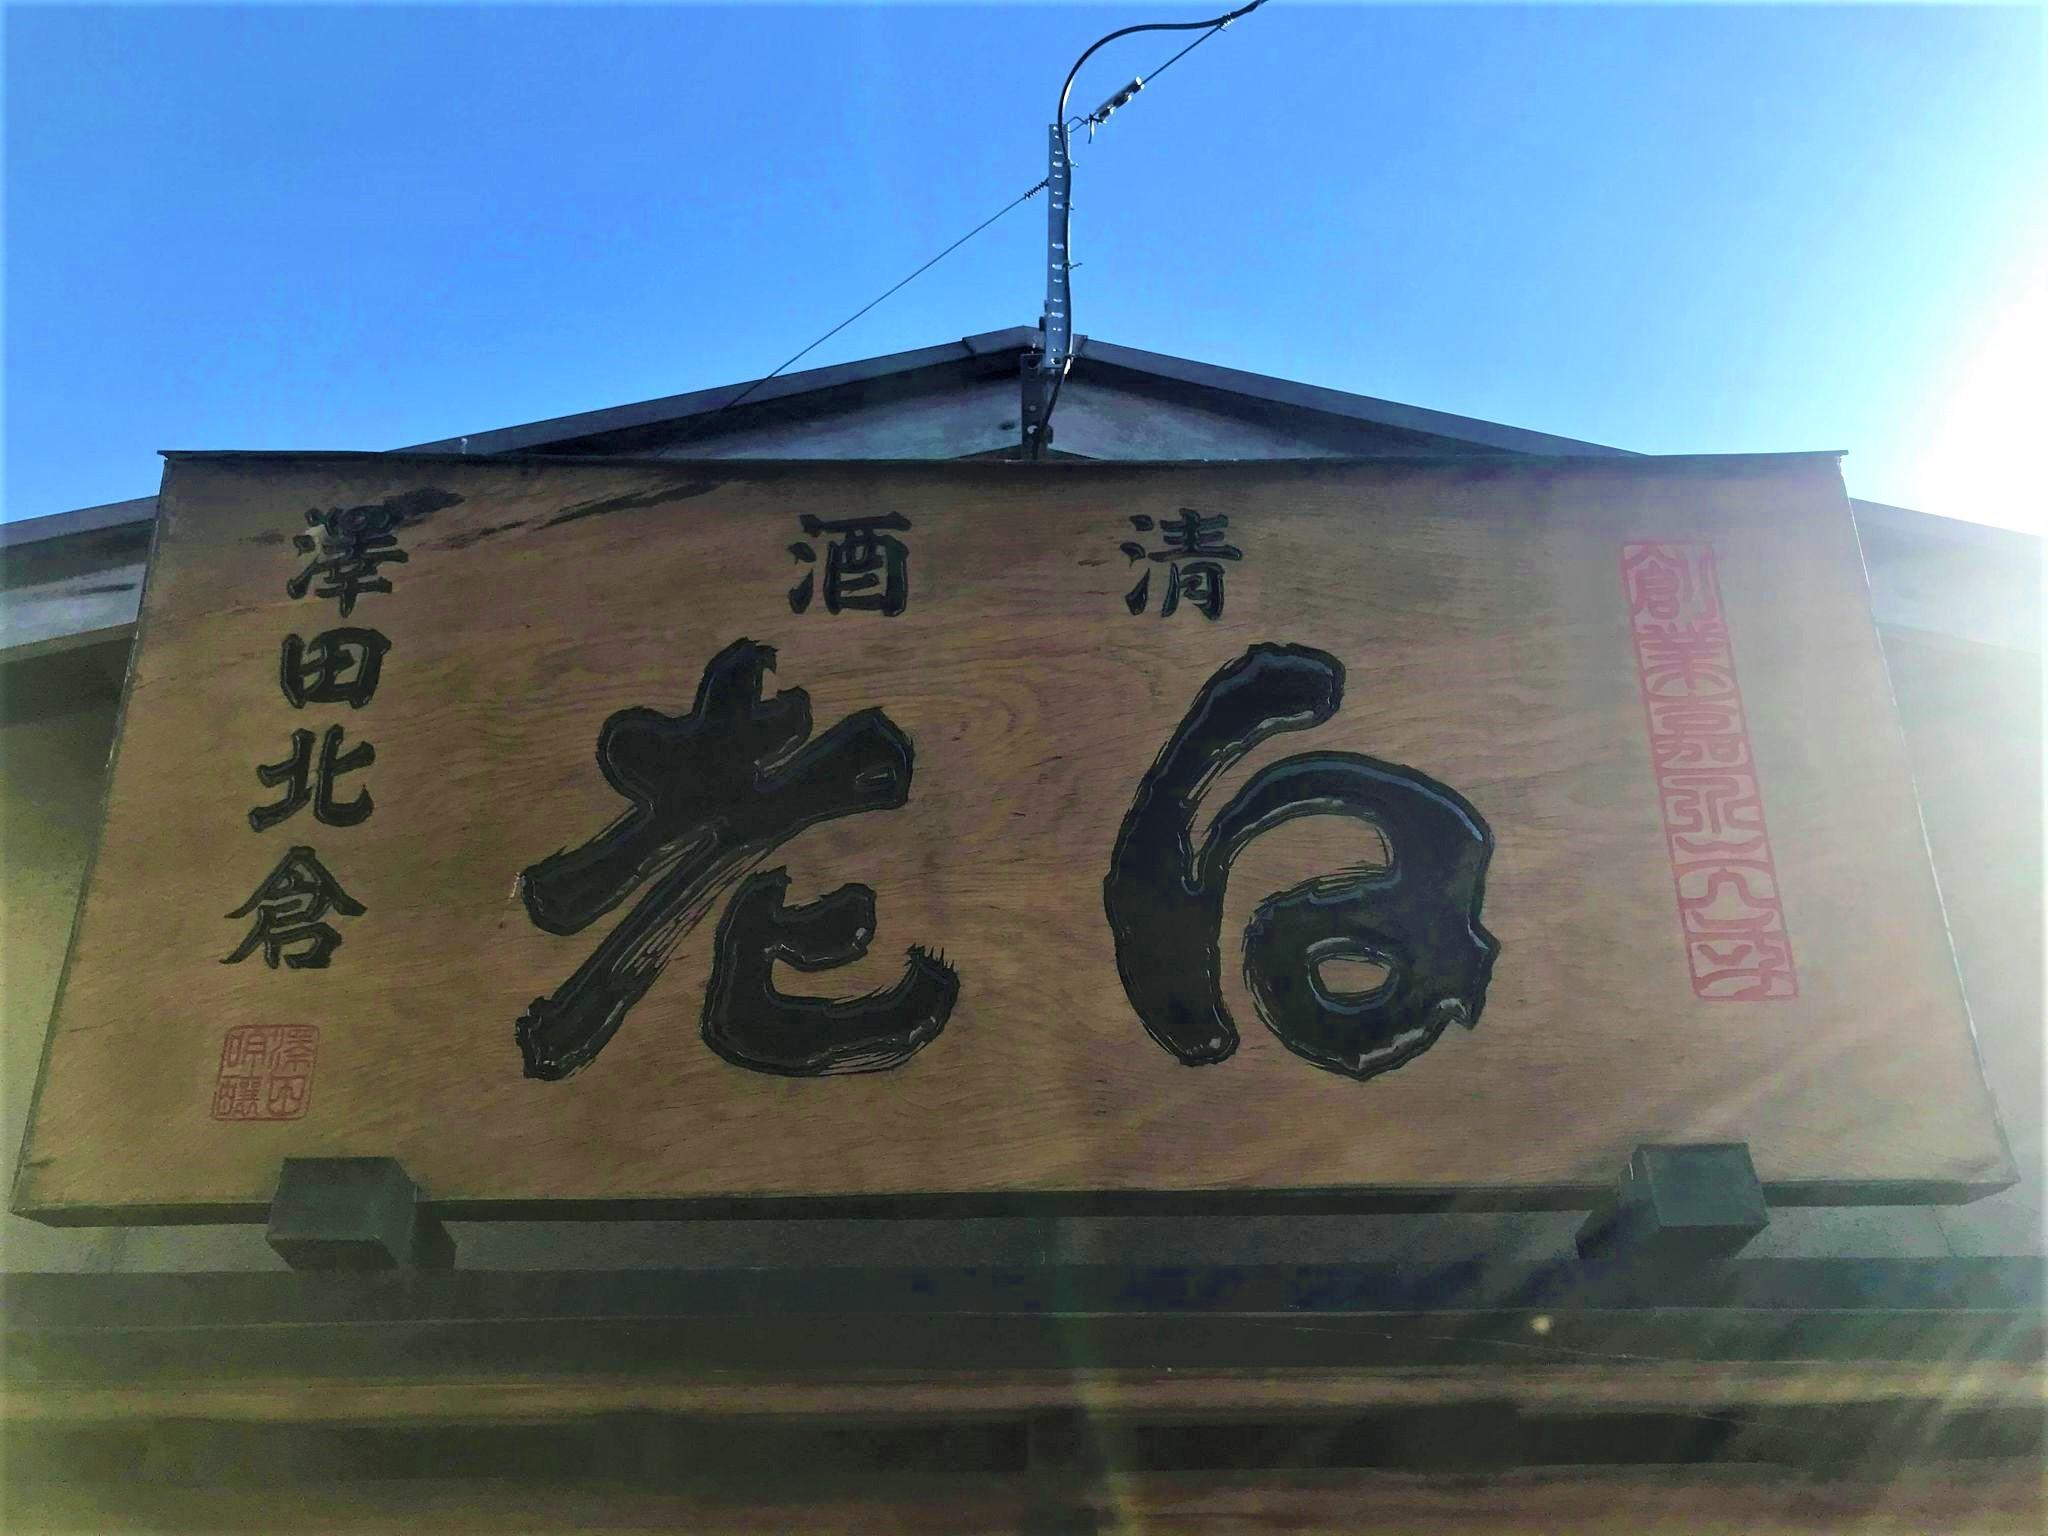 【蔵元訪問】白老=HAKUROU=SHIRAOI=ポテンシャル無限大∞_e0173738_09243972.jpg